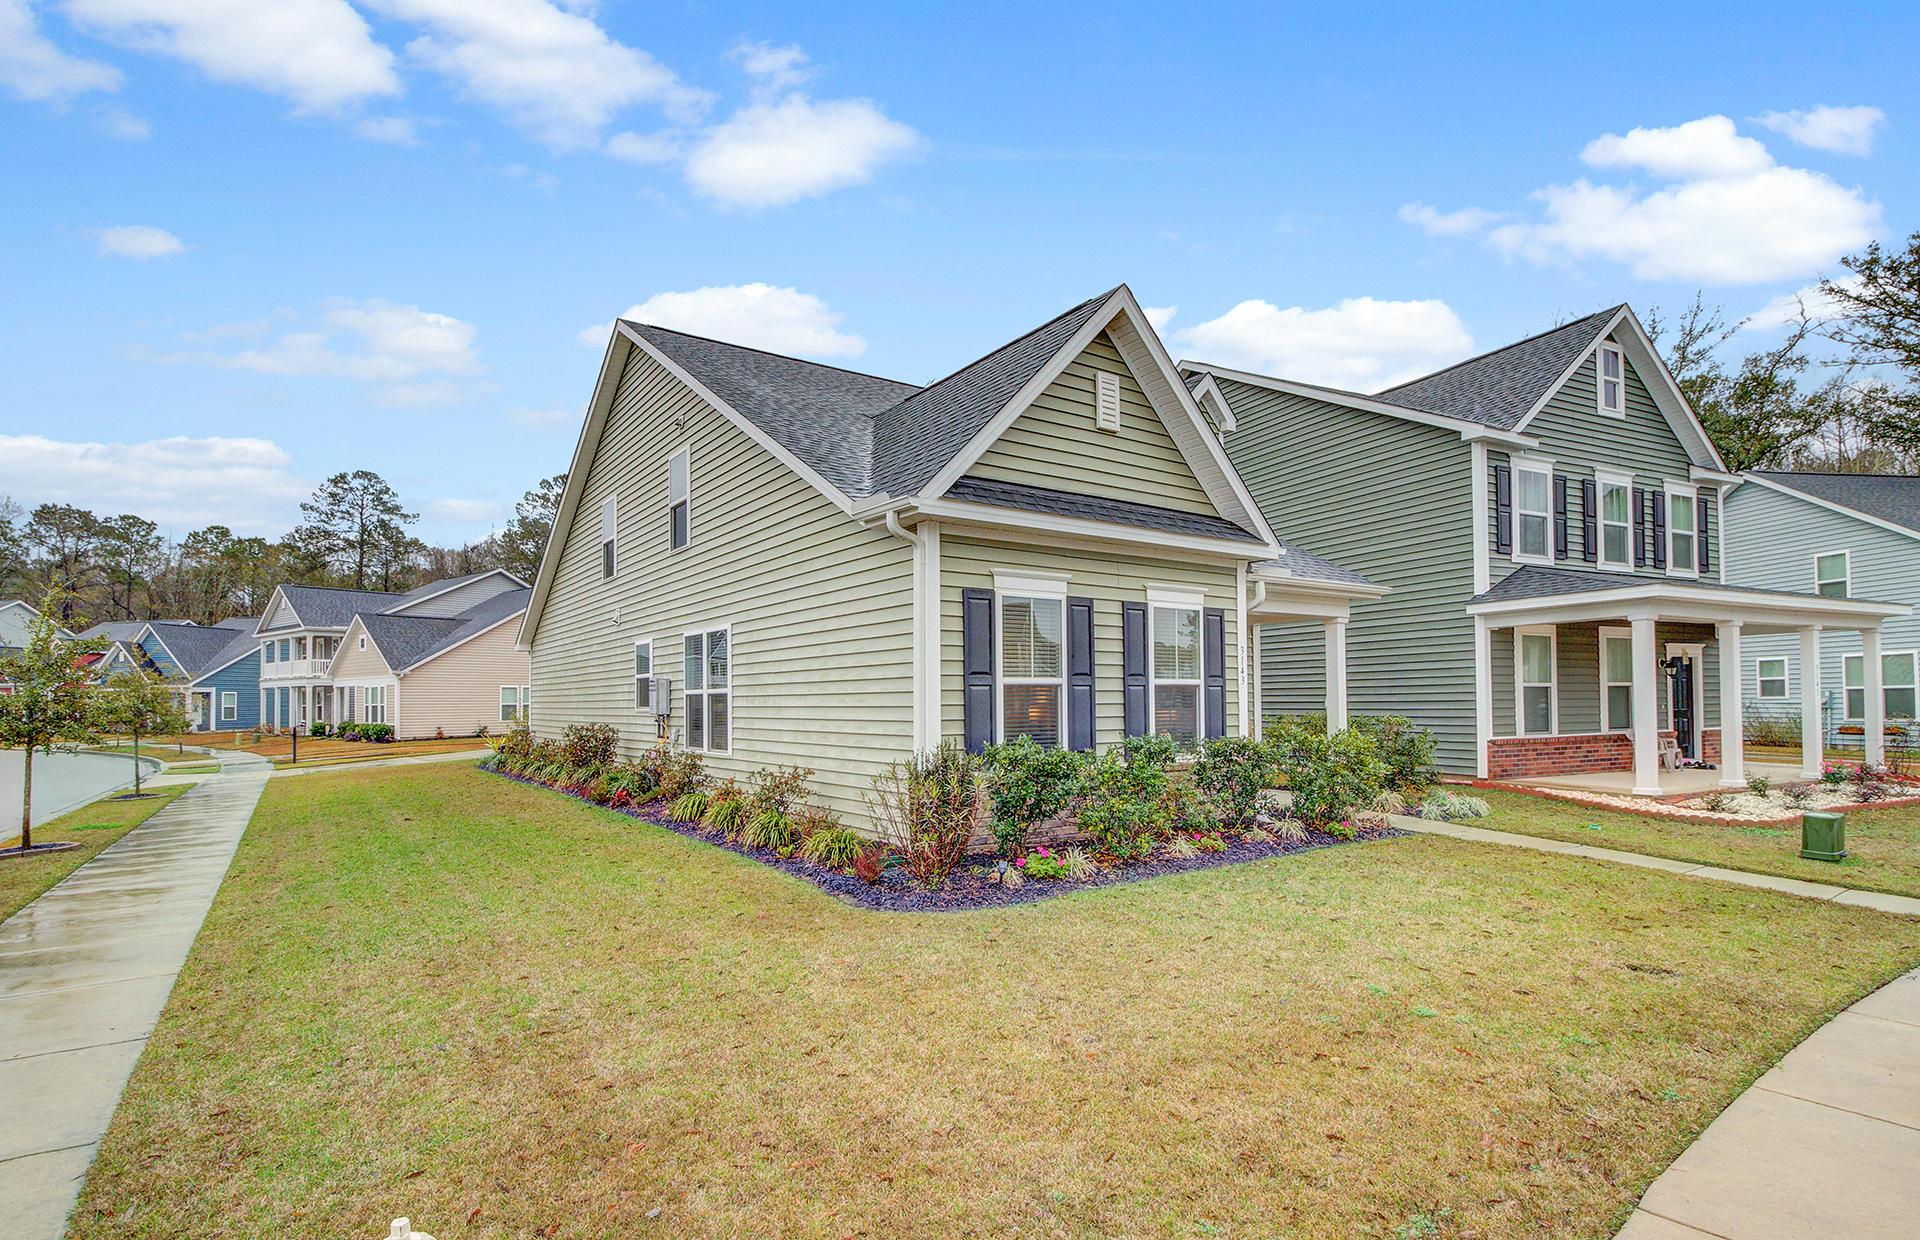 Boltons Landing Homes For Sale - 3143 Moonlight, Charleston, SC - 13